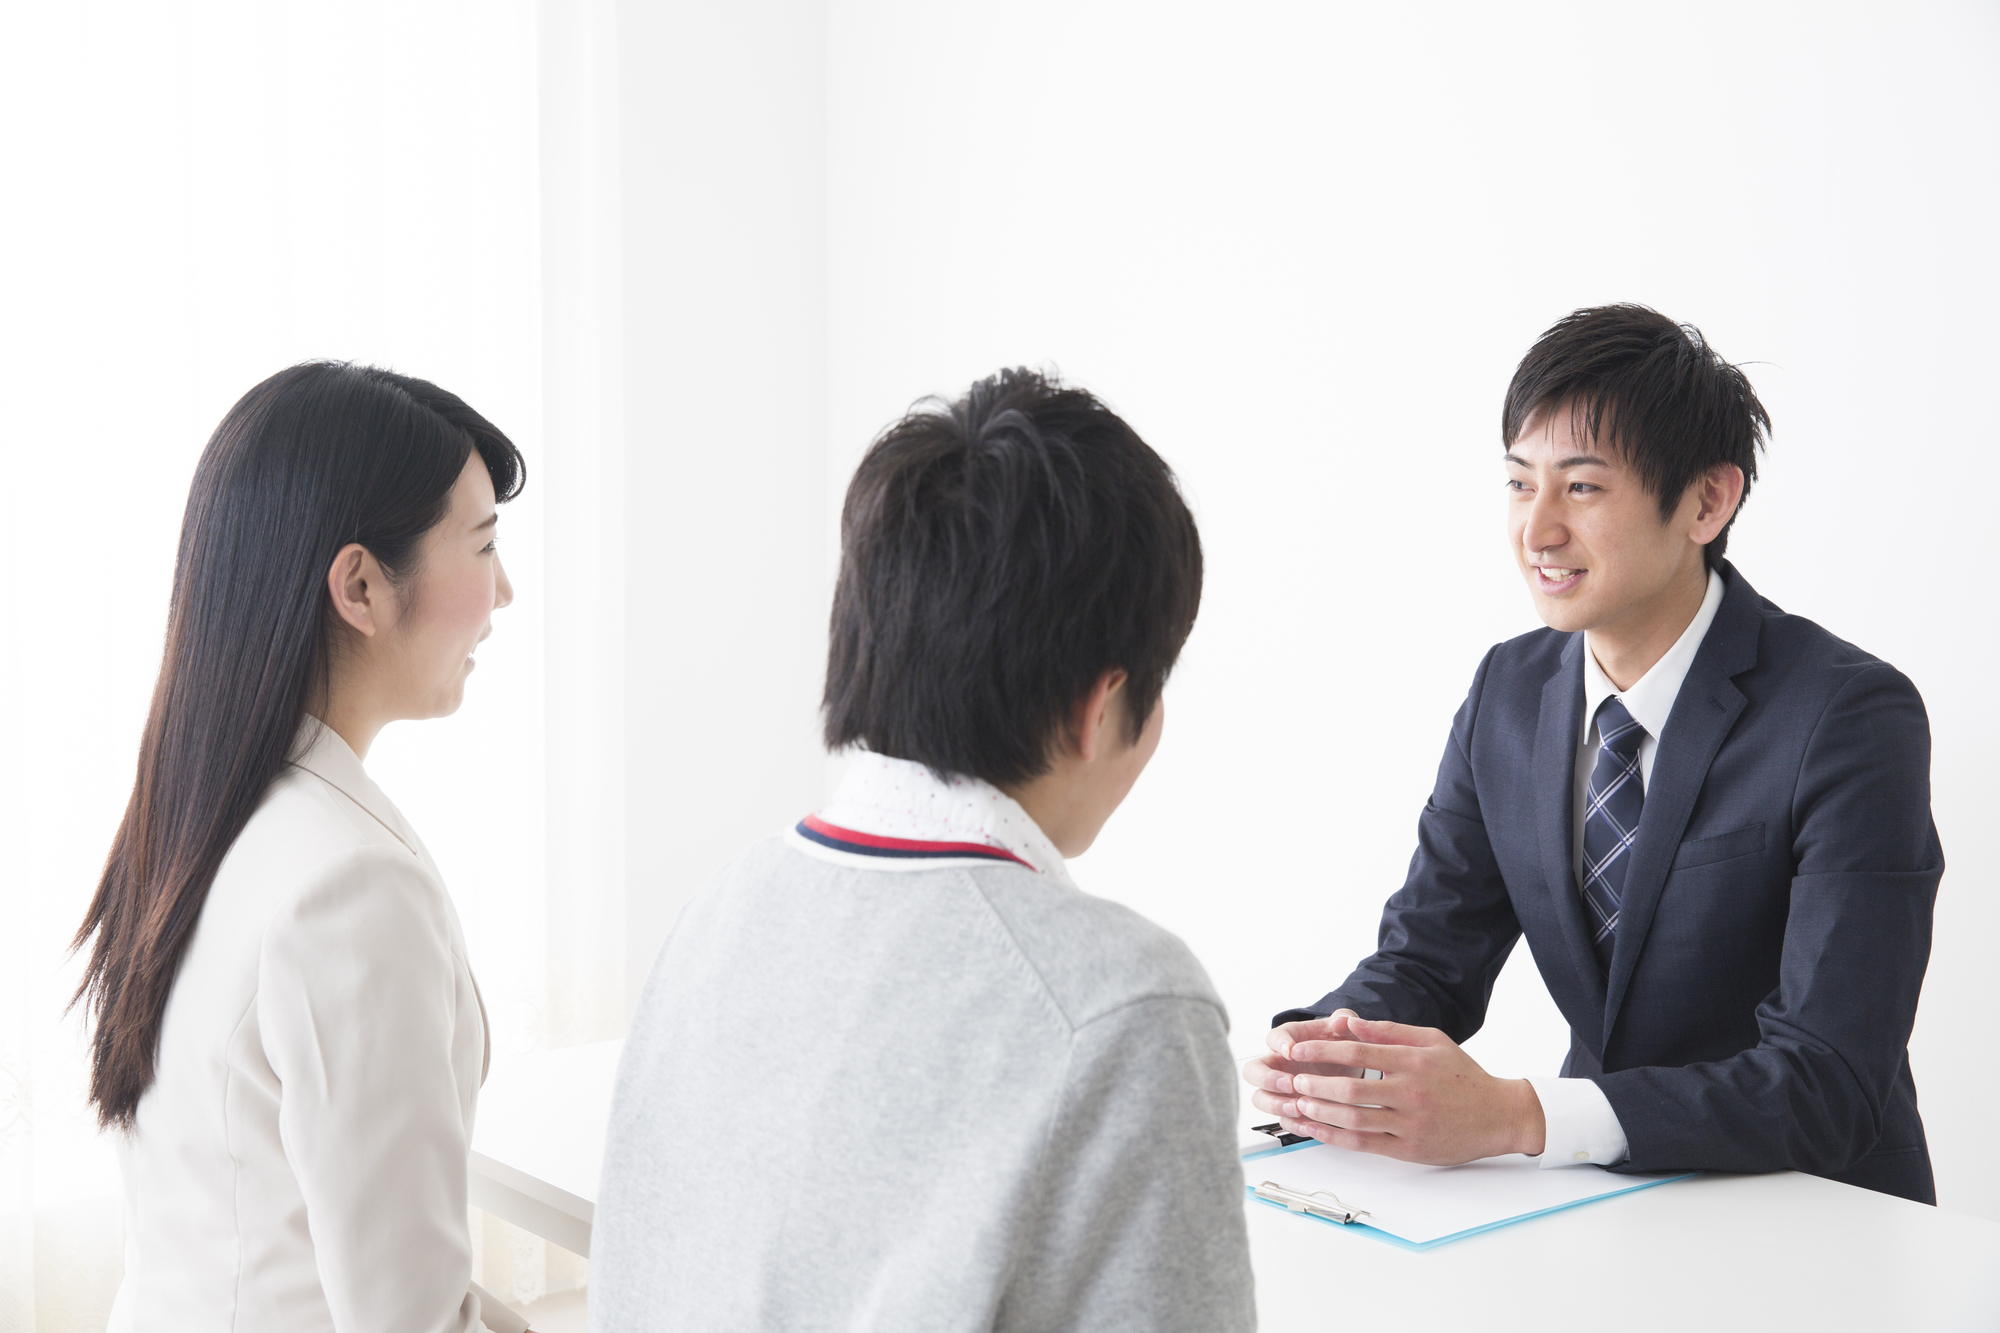 男性教師との三者面談